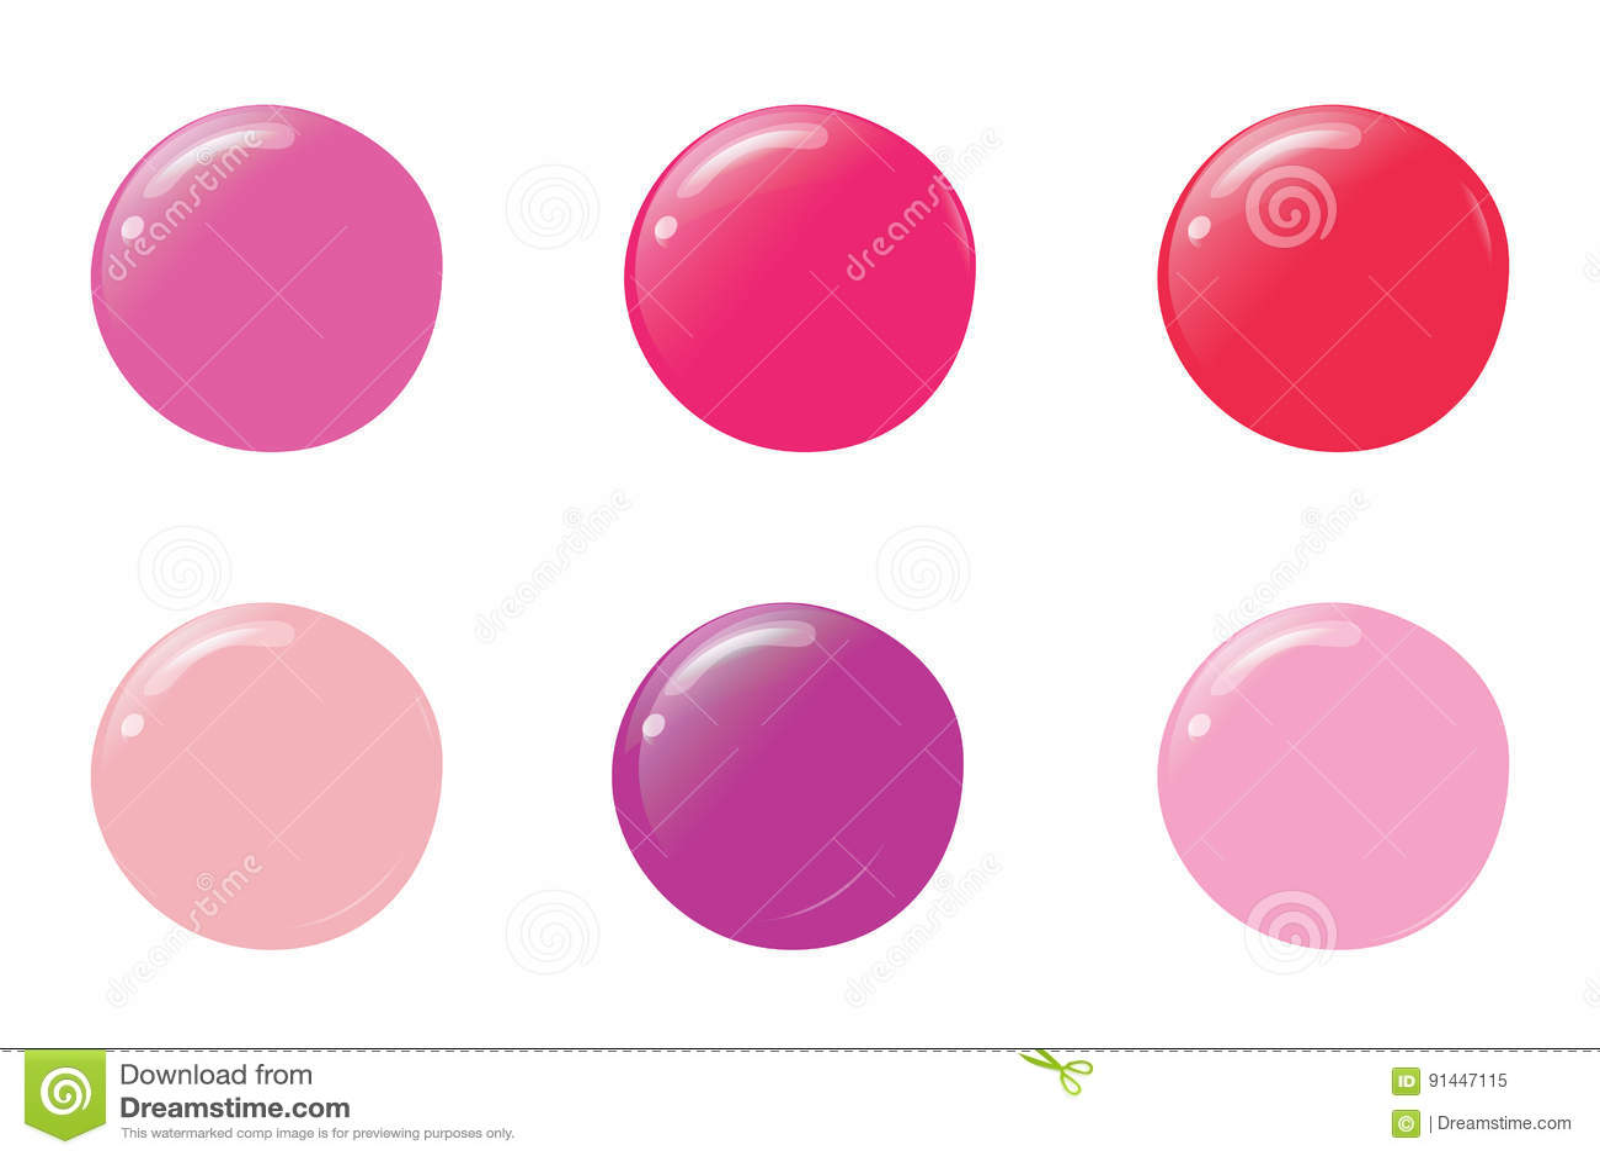 Colores de moda para salones gallery of cul es el color - Colores de moda para salones ...